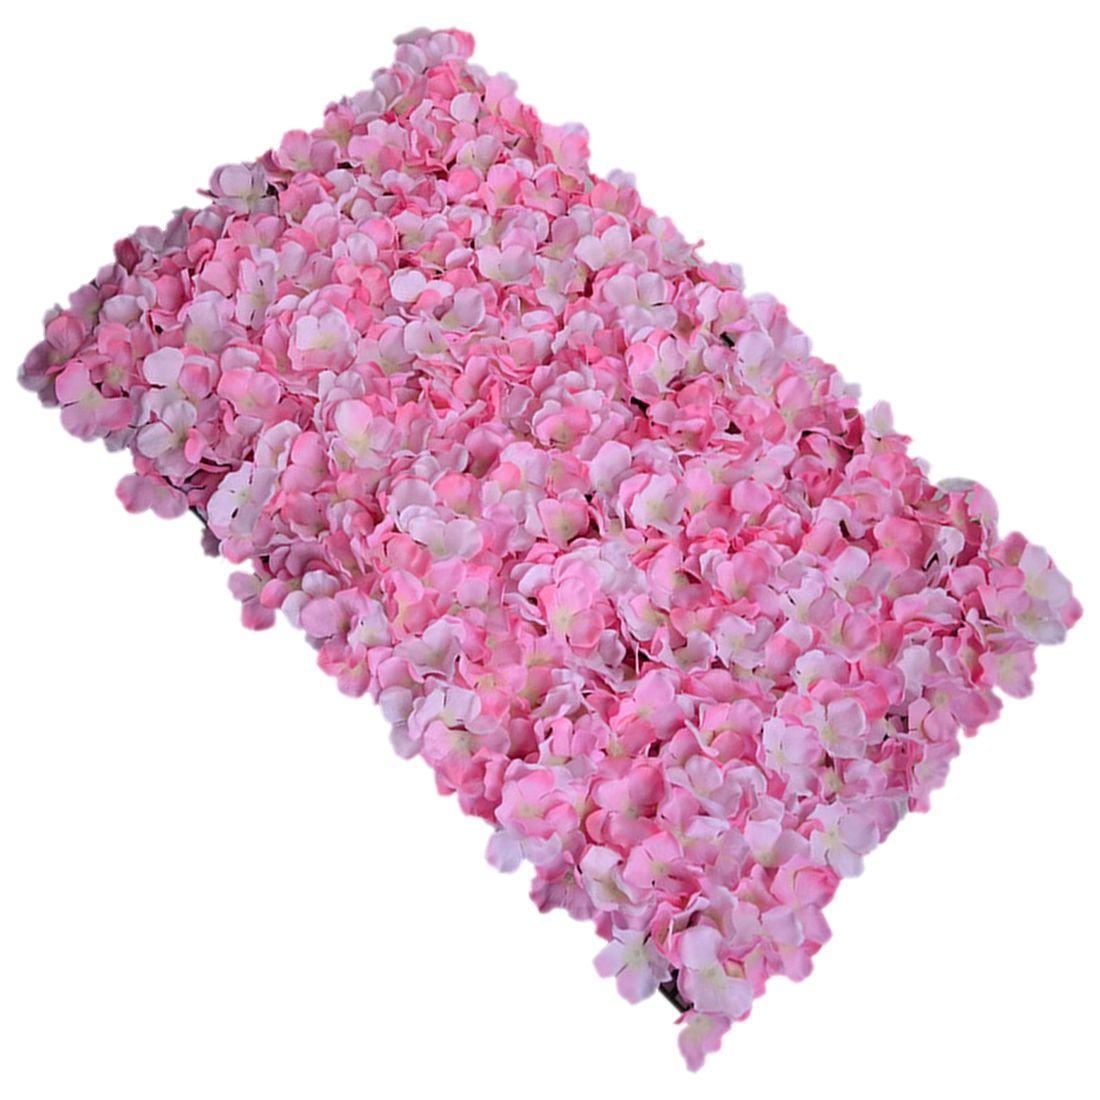 Noble tapis type hortensia bricolage mariage réglage mur décoration route led fleur T scène décoration Photo fond